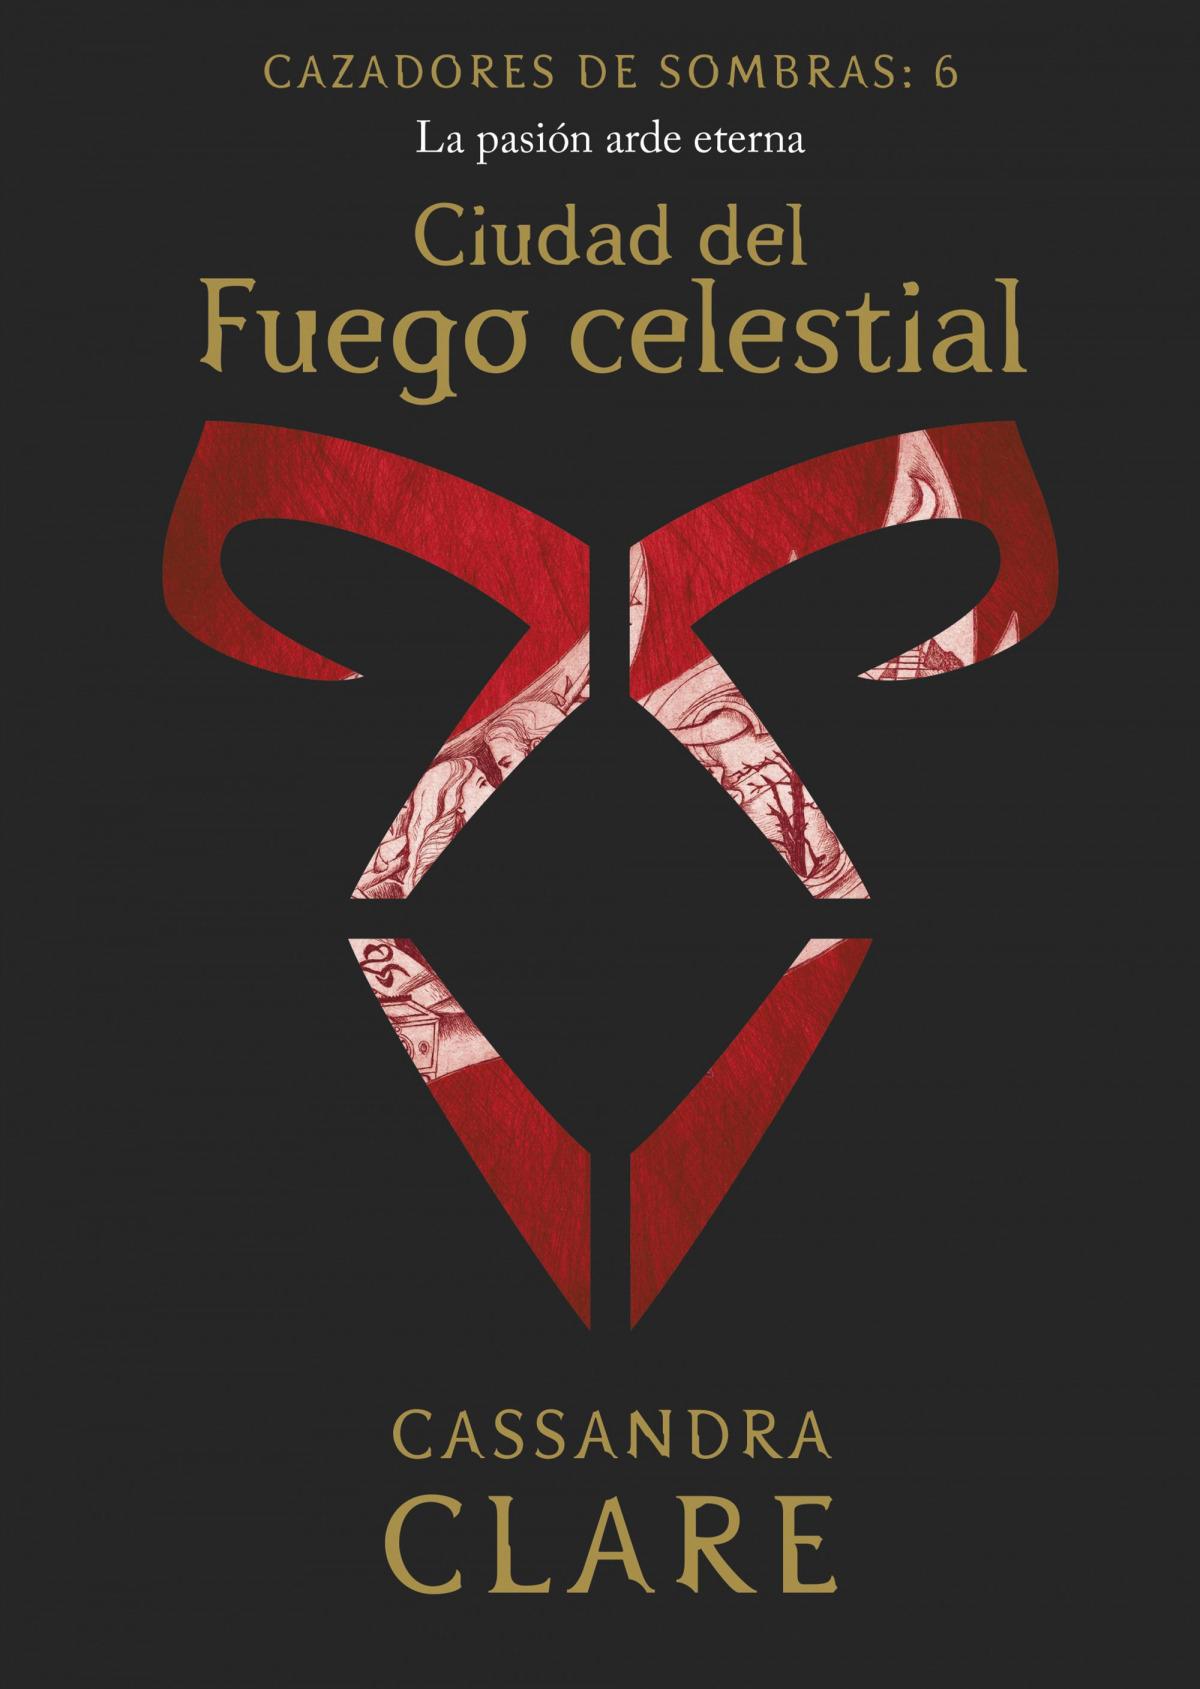 CIUDAD DEL FUEGO CELESTIAL 9788408215523